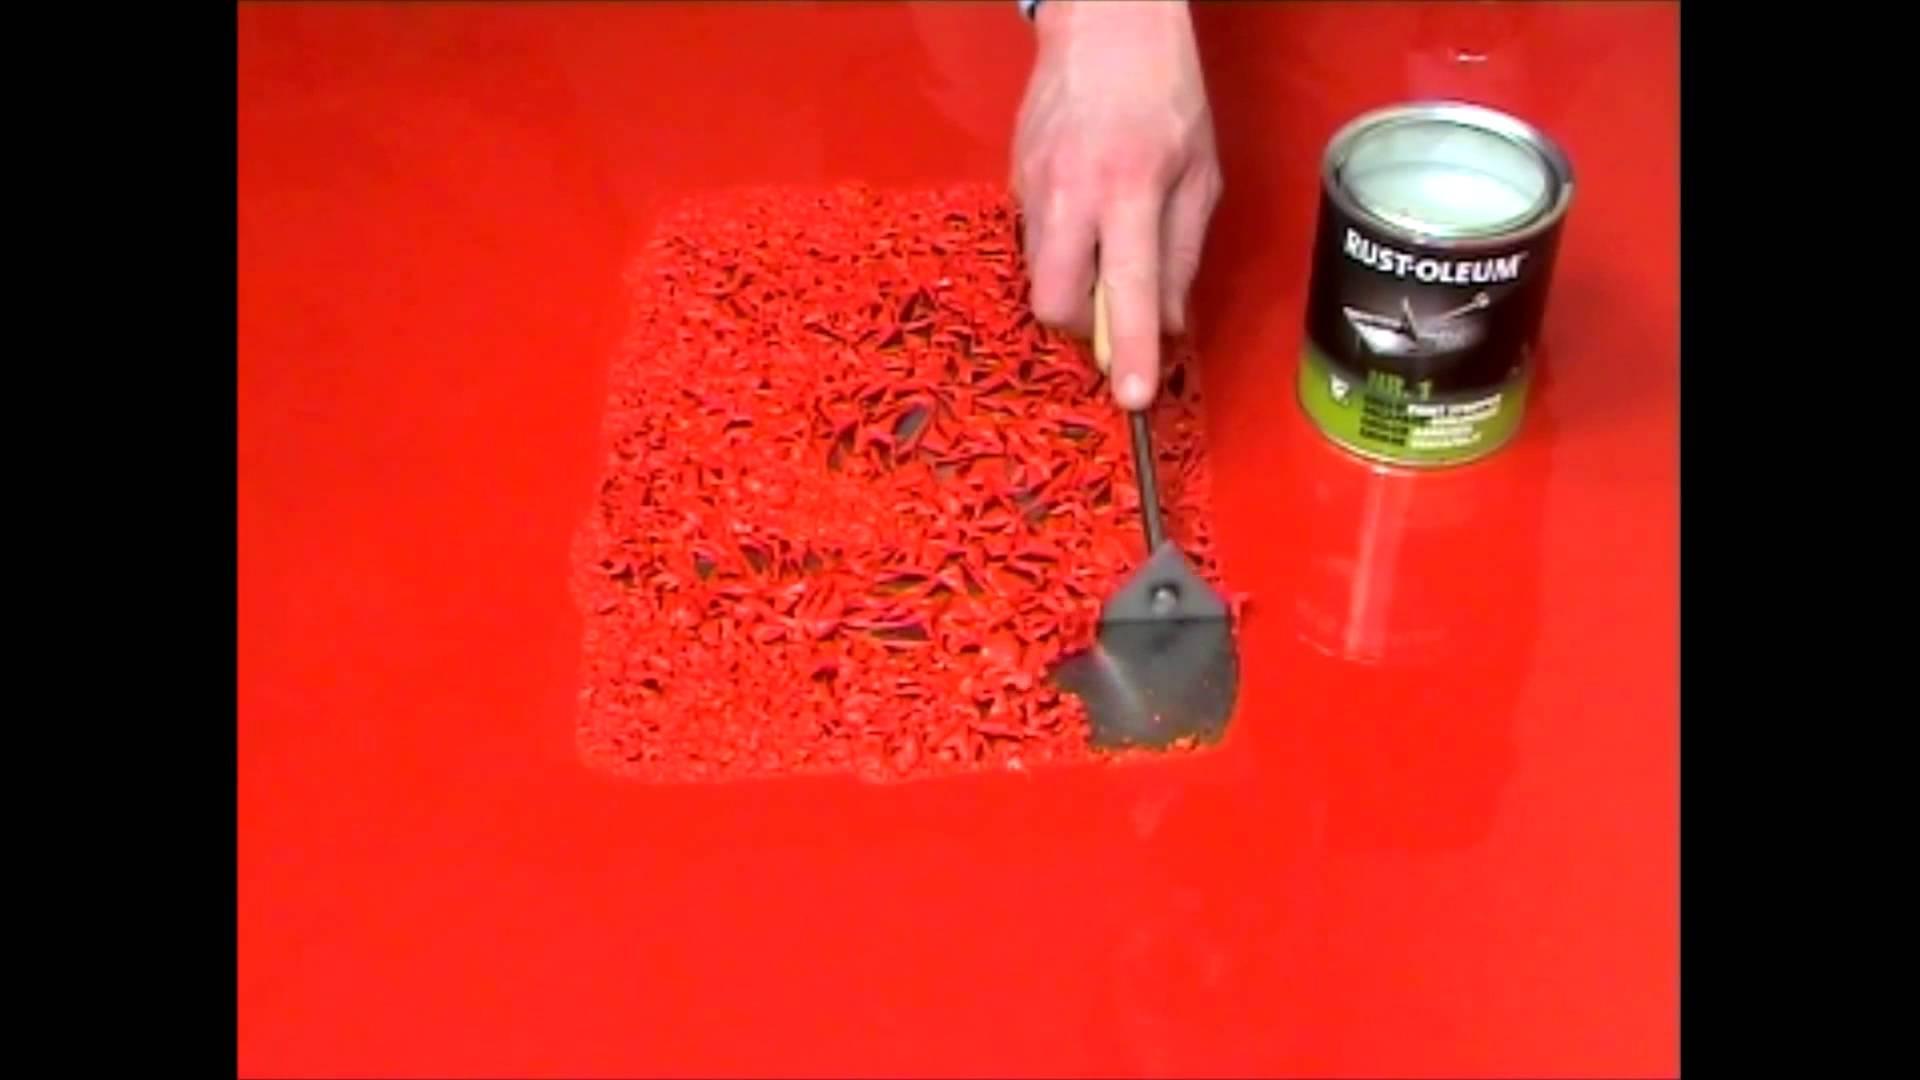 Rust Oleum Verfafbijt.Rustoleum Nr 1 Groene Verfafbijt